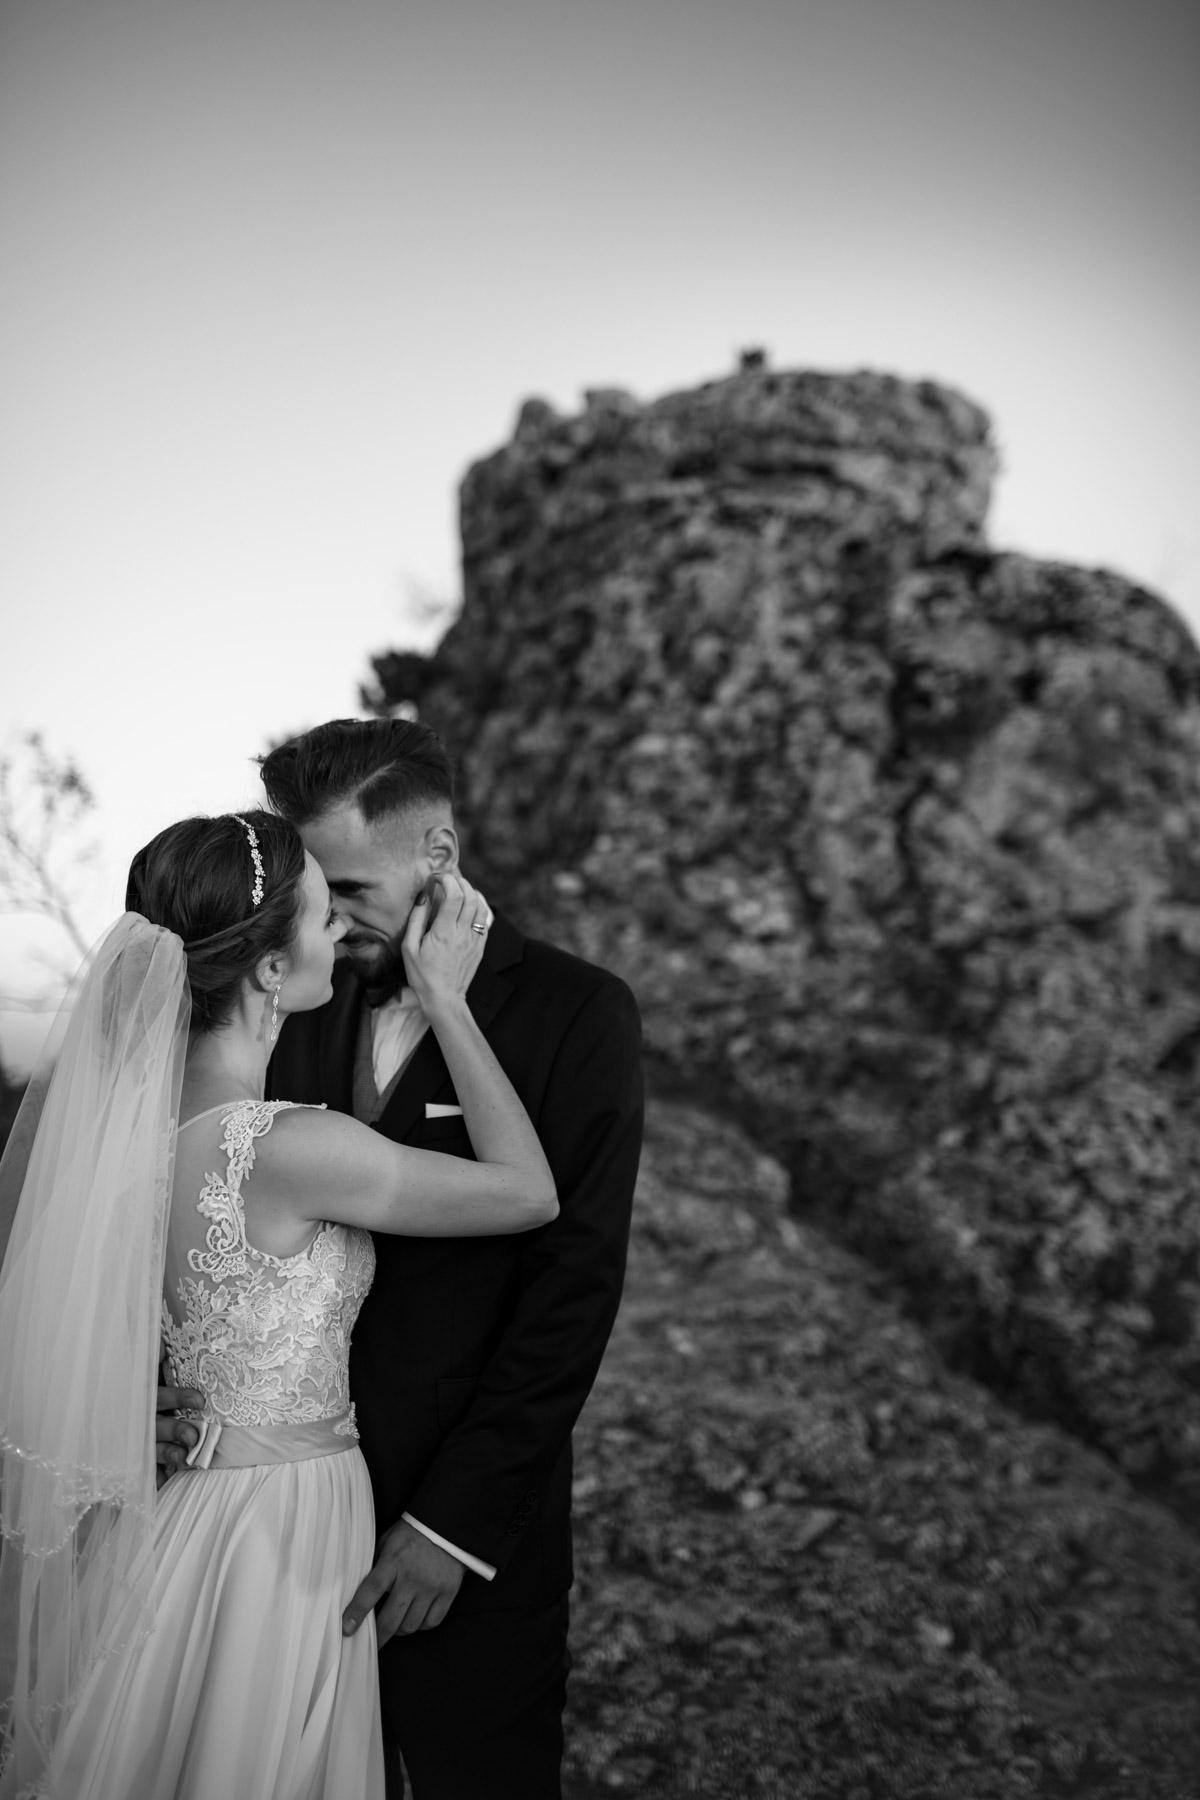 fotograf-ślubny-gora-zborow-jura-krakowsko-czestochowska-zdjecie-73